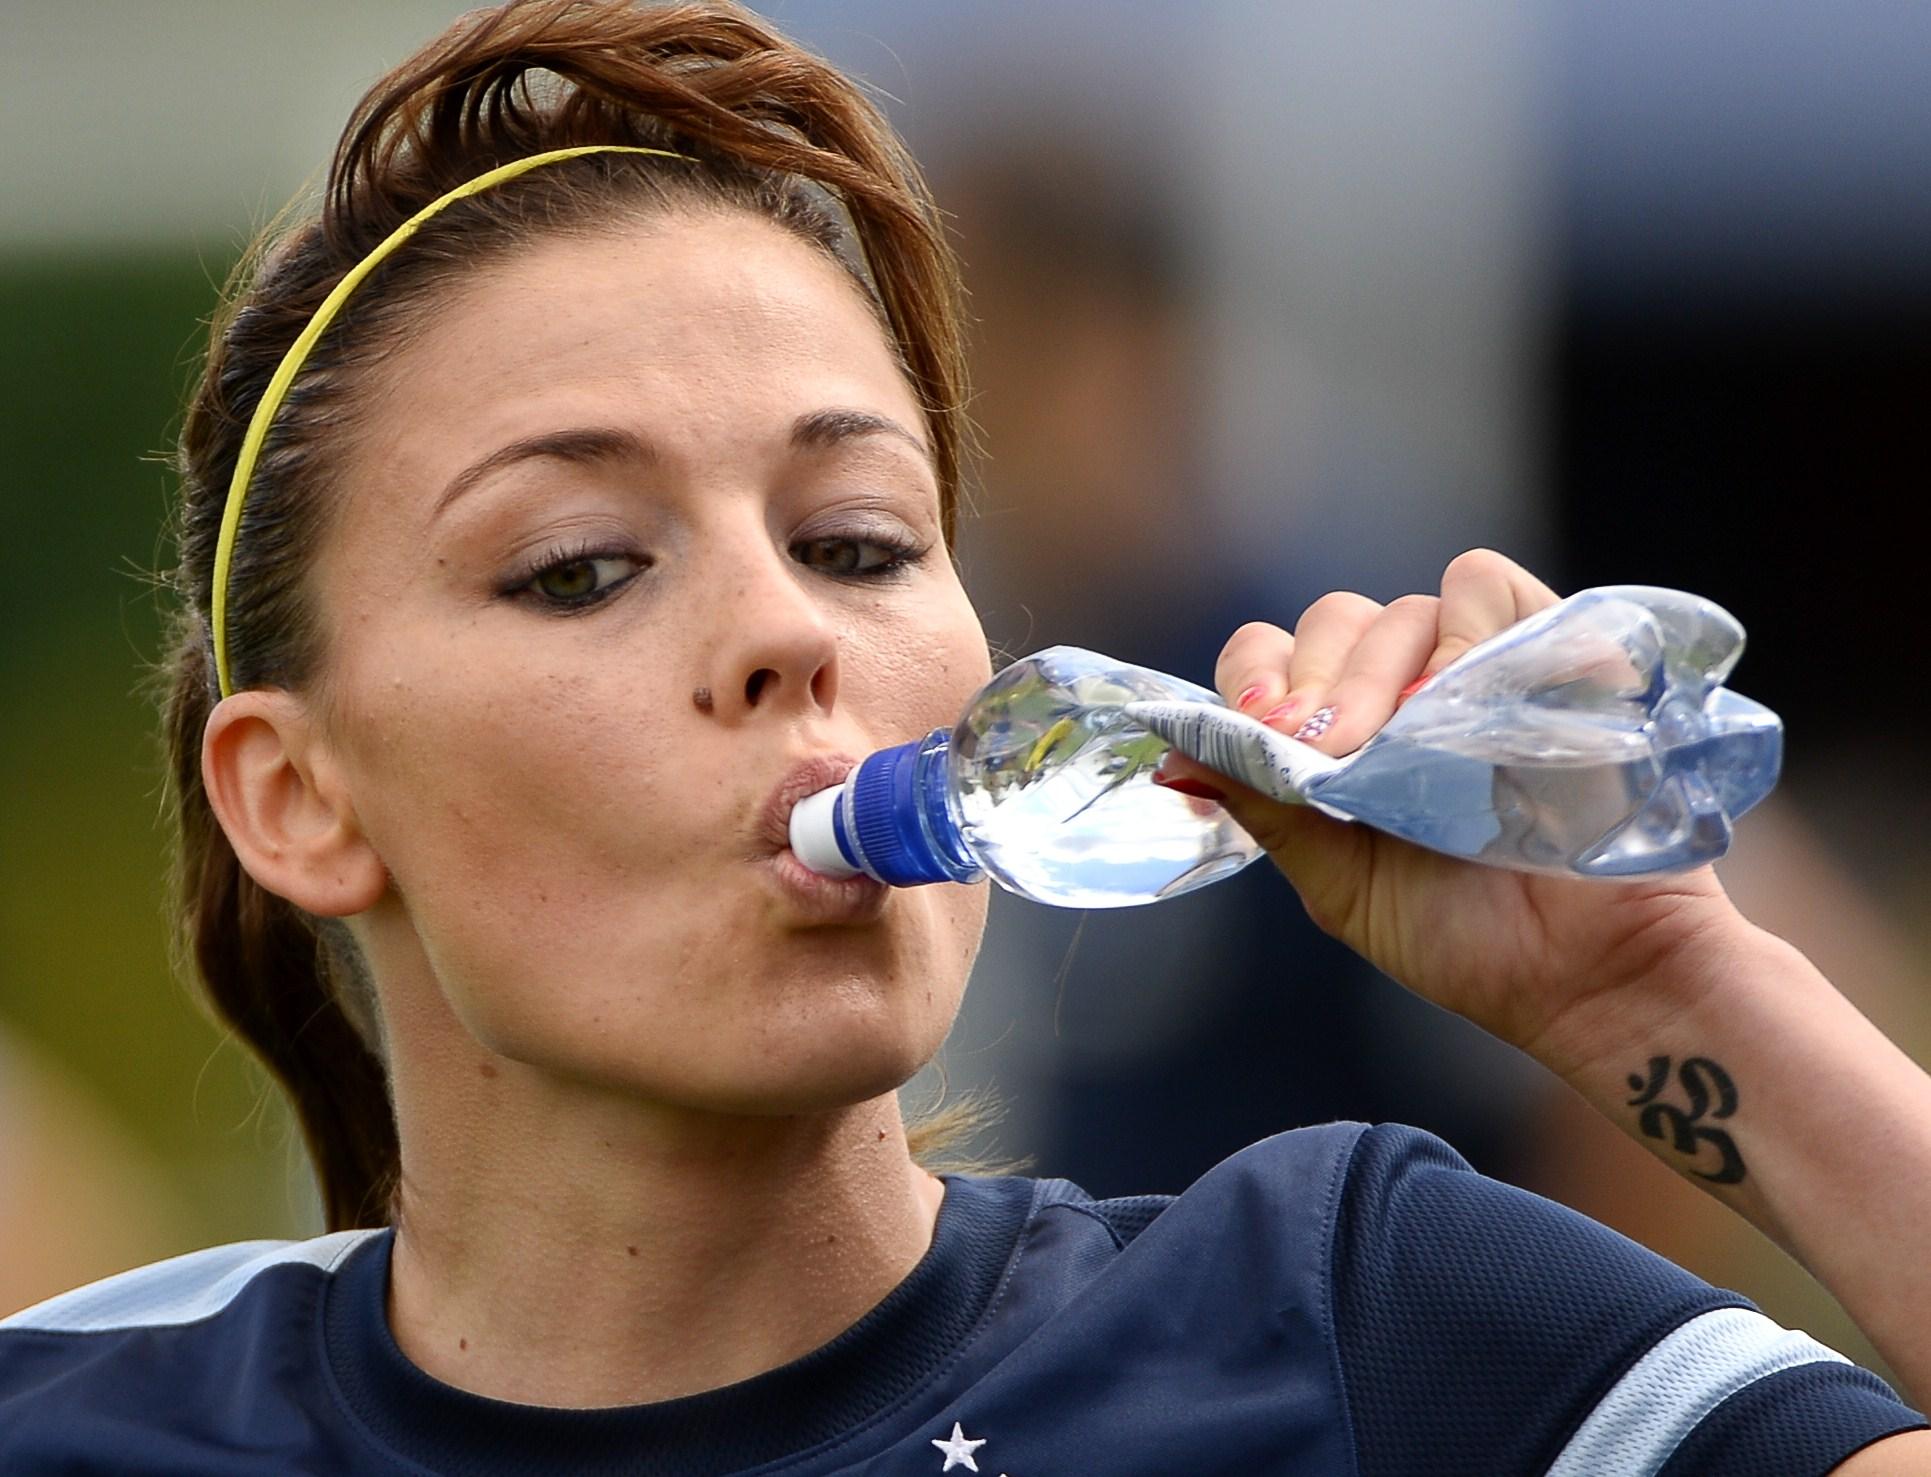 Cosa succede al nostro corpo quando non beviamo abbastanza acqua?